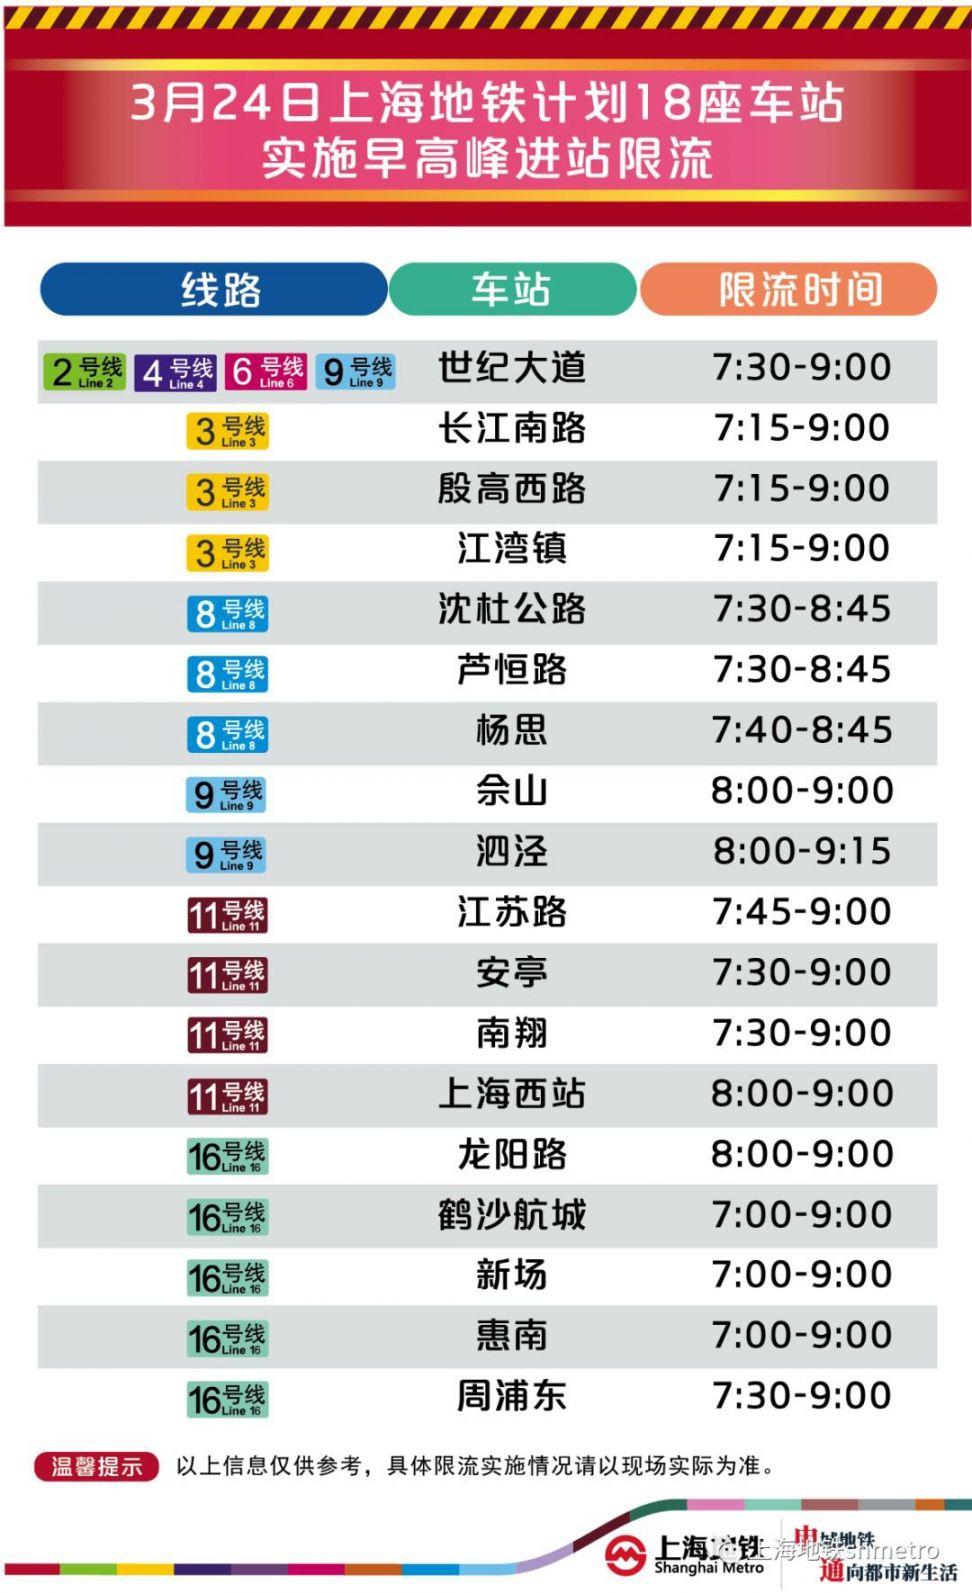 3月24日起 新葡新京18座地铁站早高峰限流